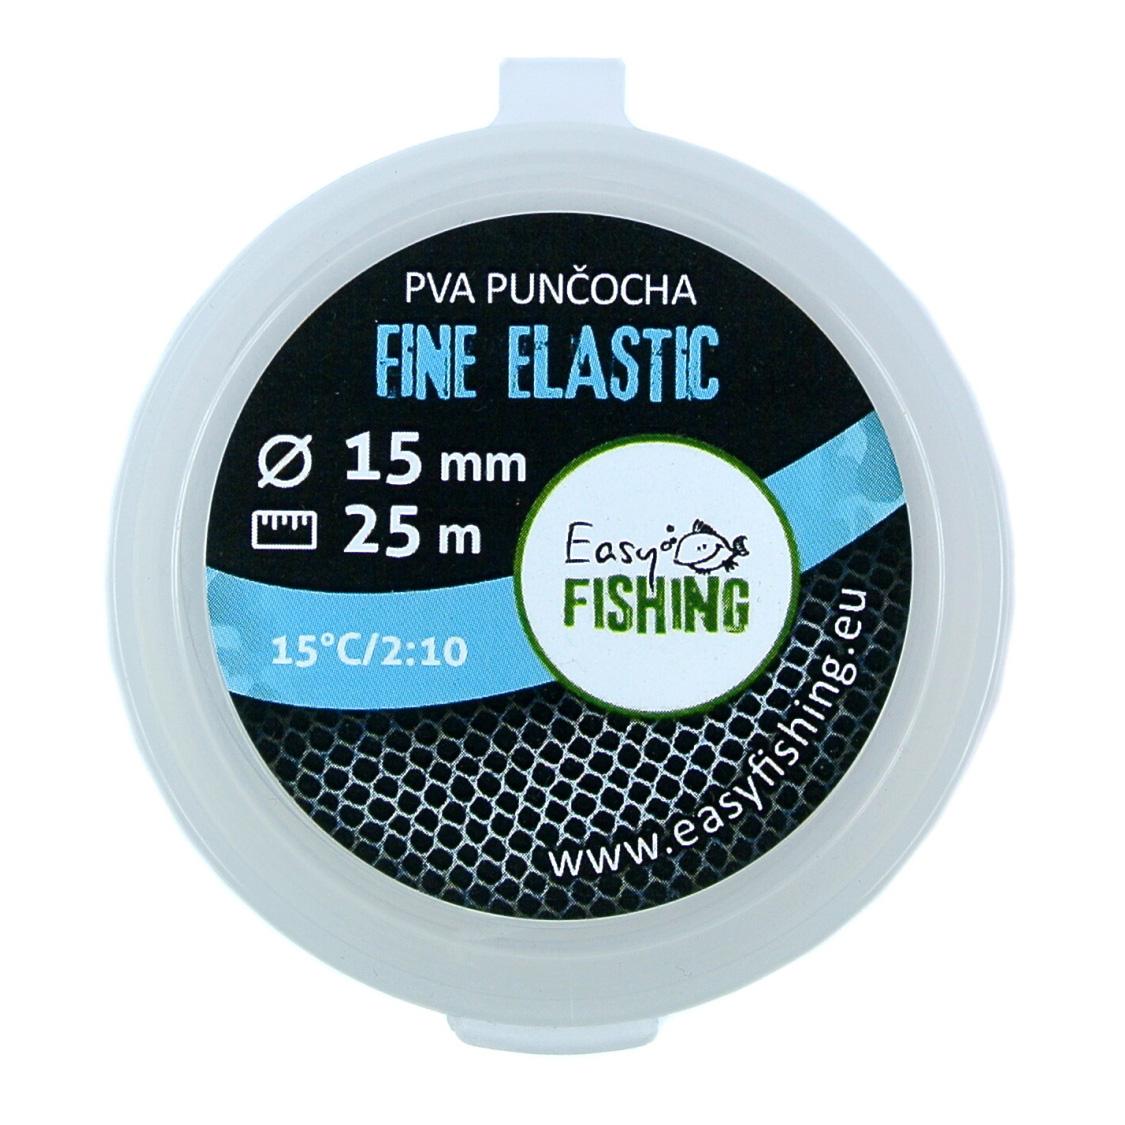 EasyFISHING 25m náhradní - PVA punčocha ELASTIC FINE 15mm